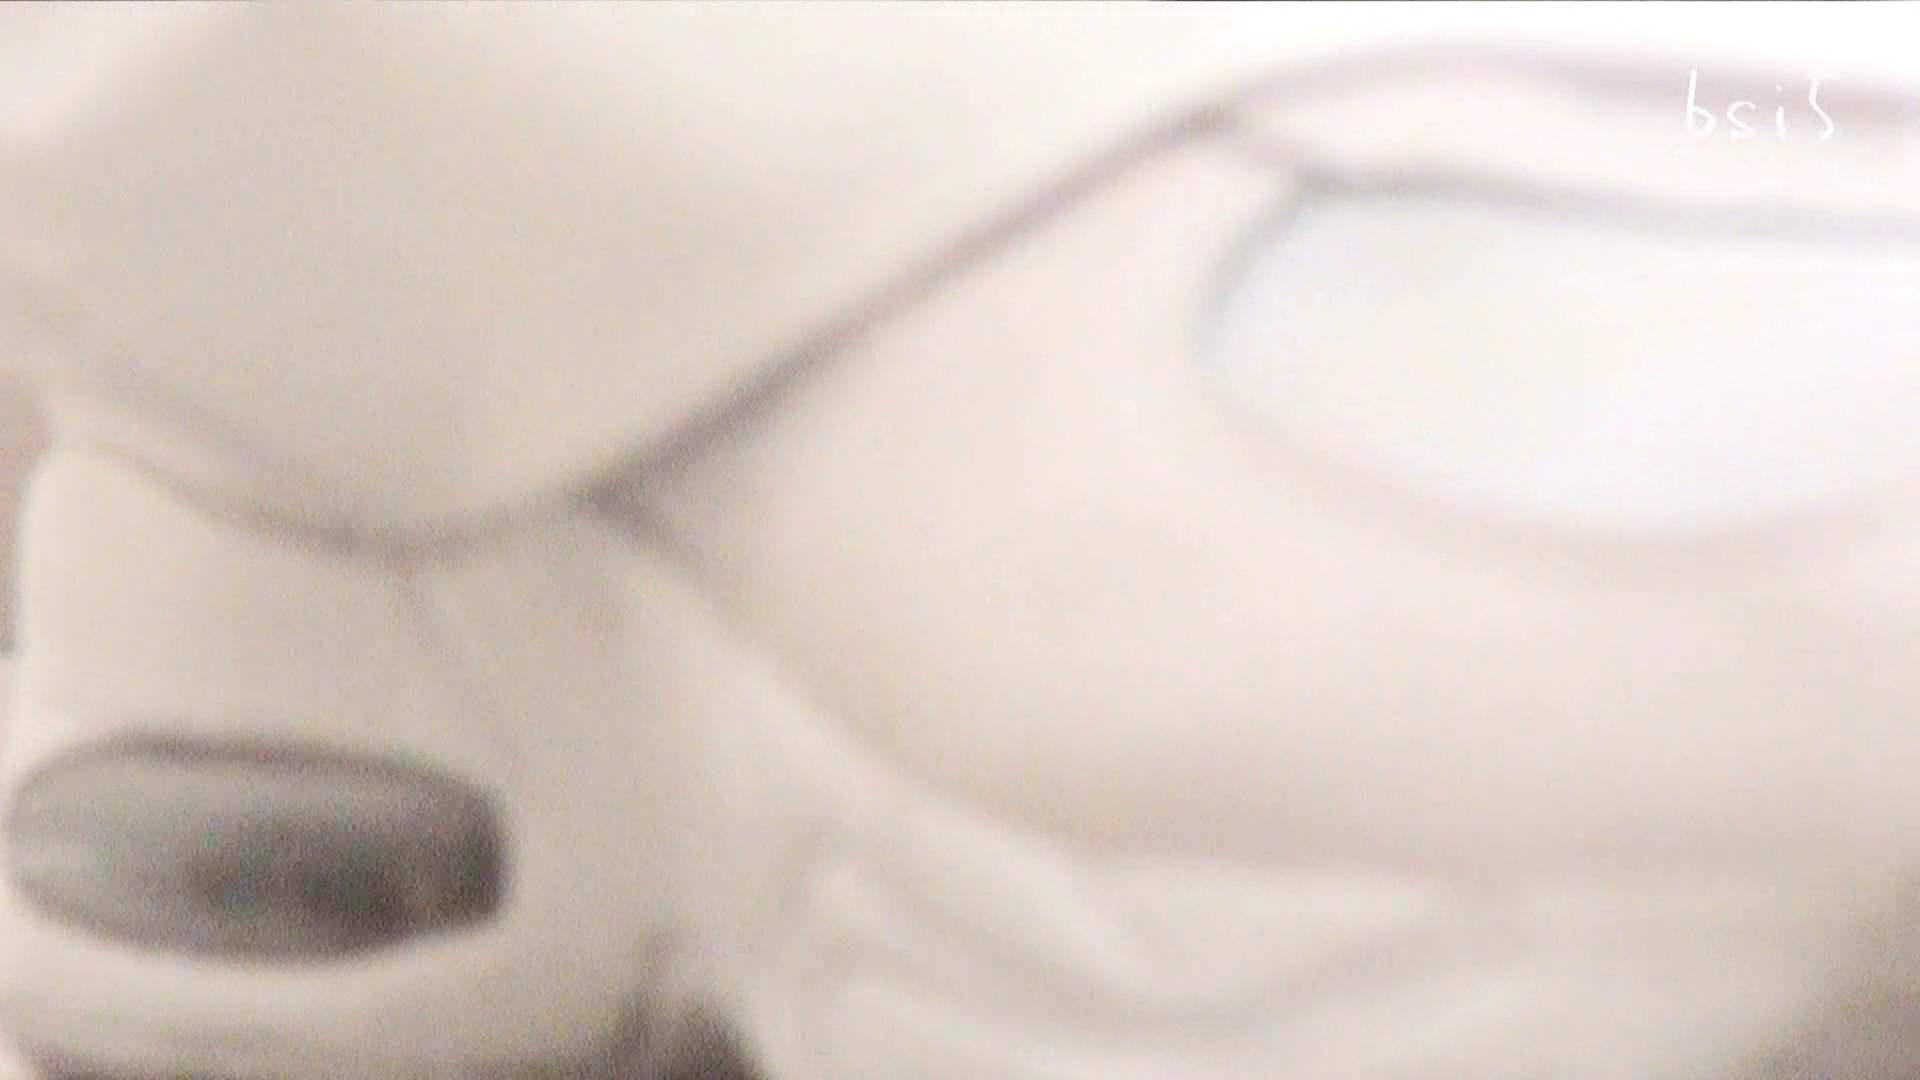 ナースのお小水 vol.005 下半身 オメコ動画キャプチャ 108pic 68